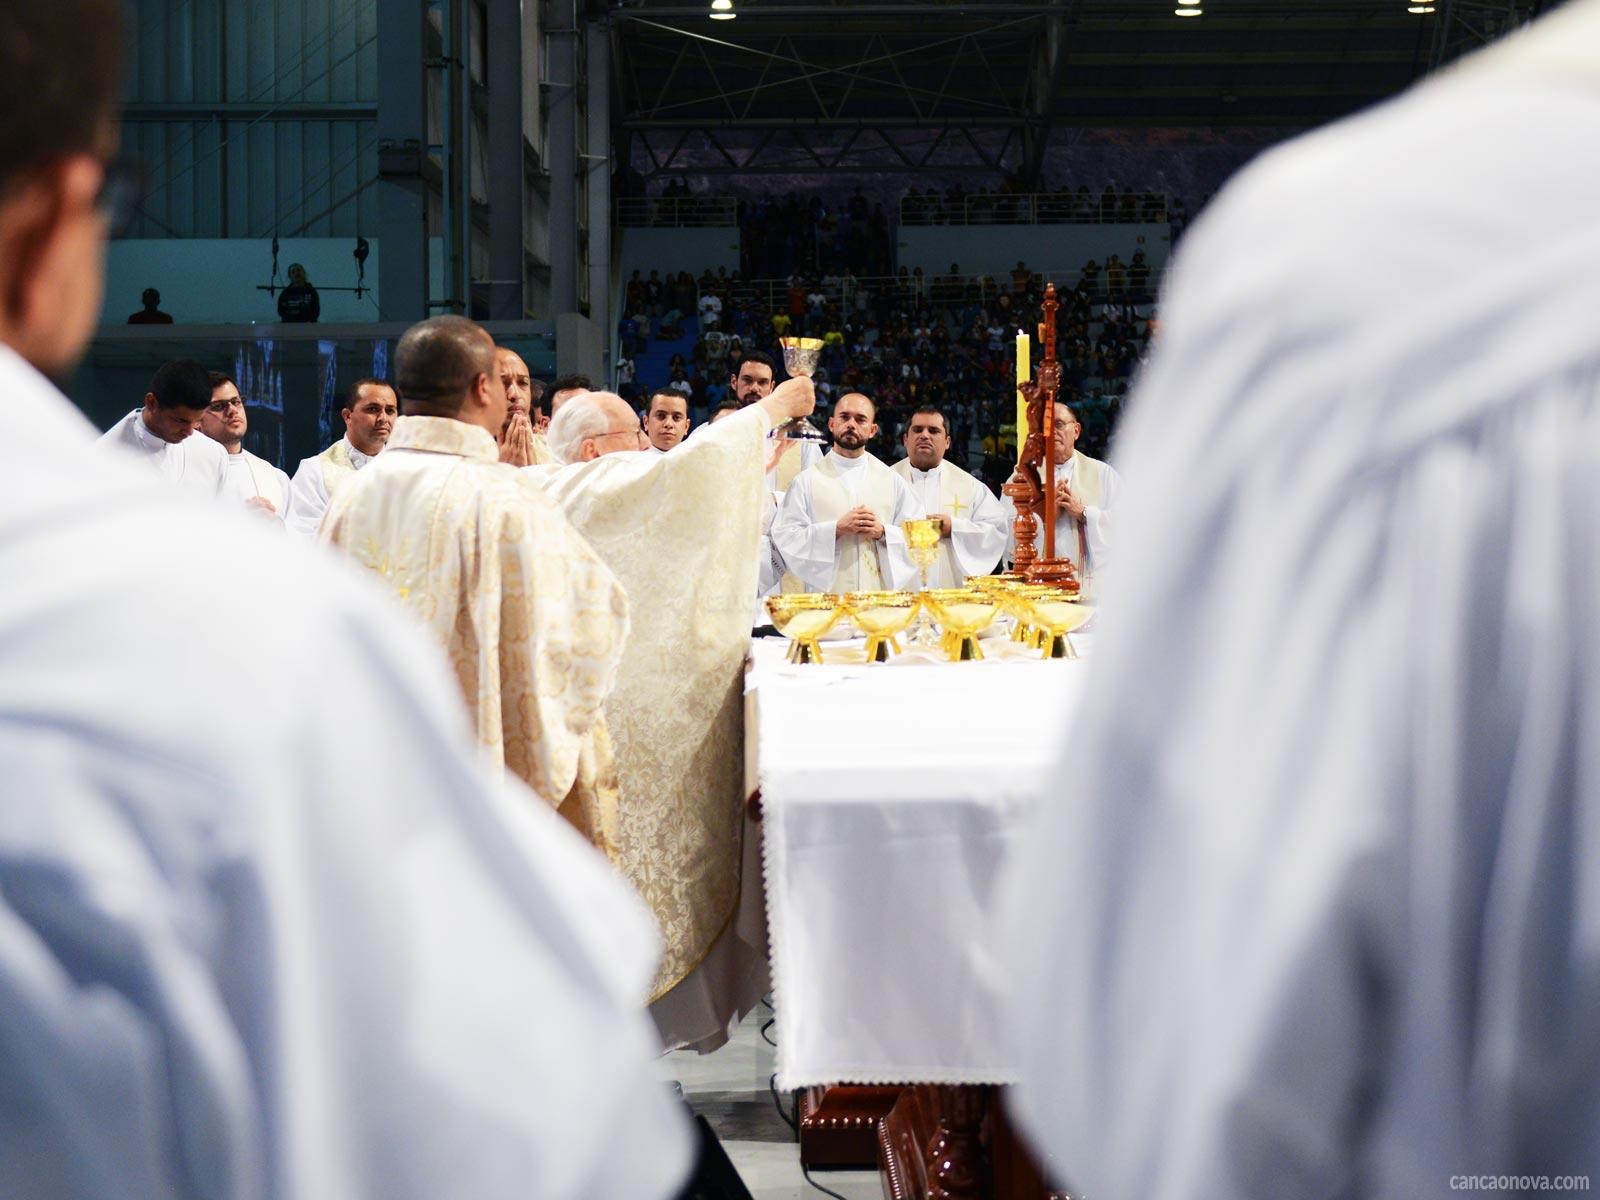 O que é necessário para celebrar a Santa Missa